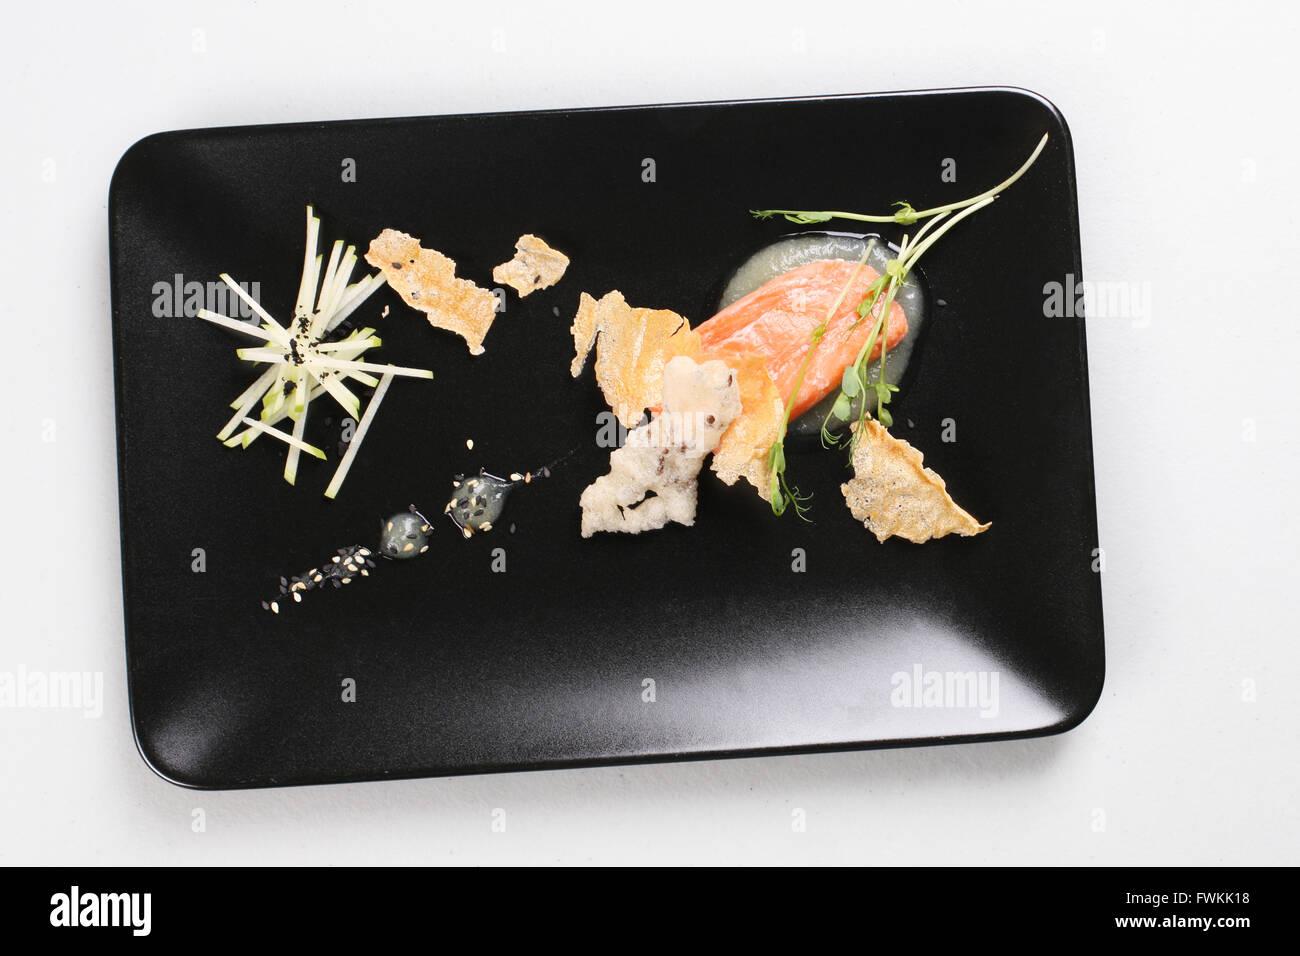 Geräucherter Lachs und Soße gekocht von Molekularküche technic Stockbild